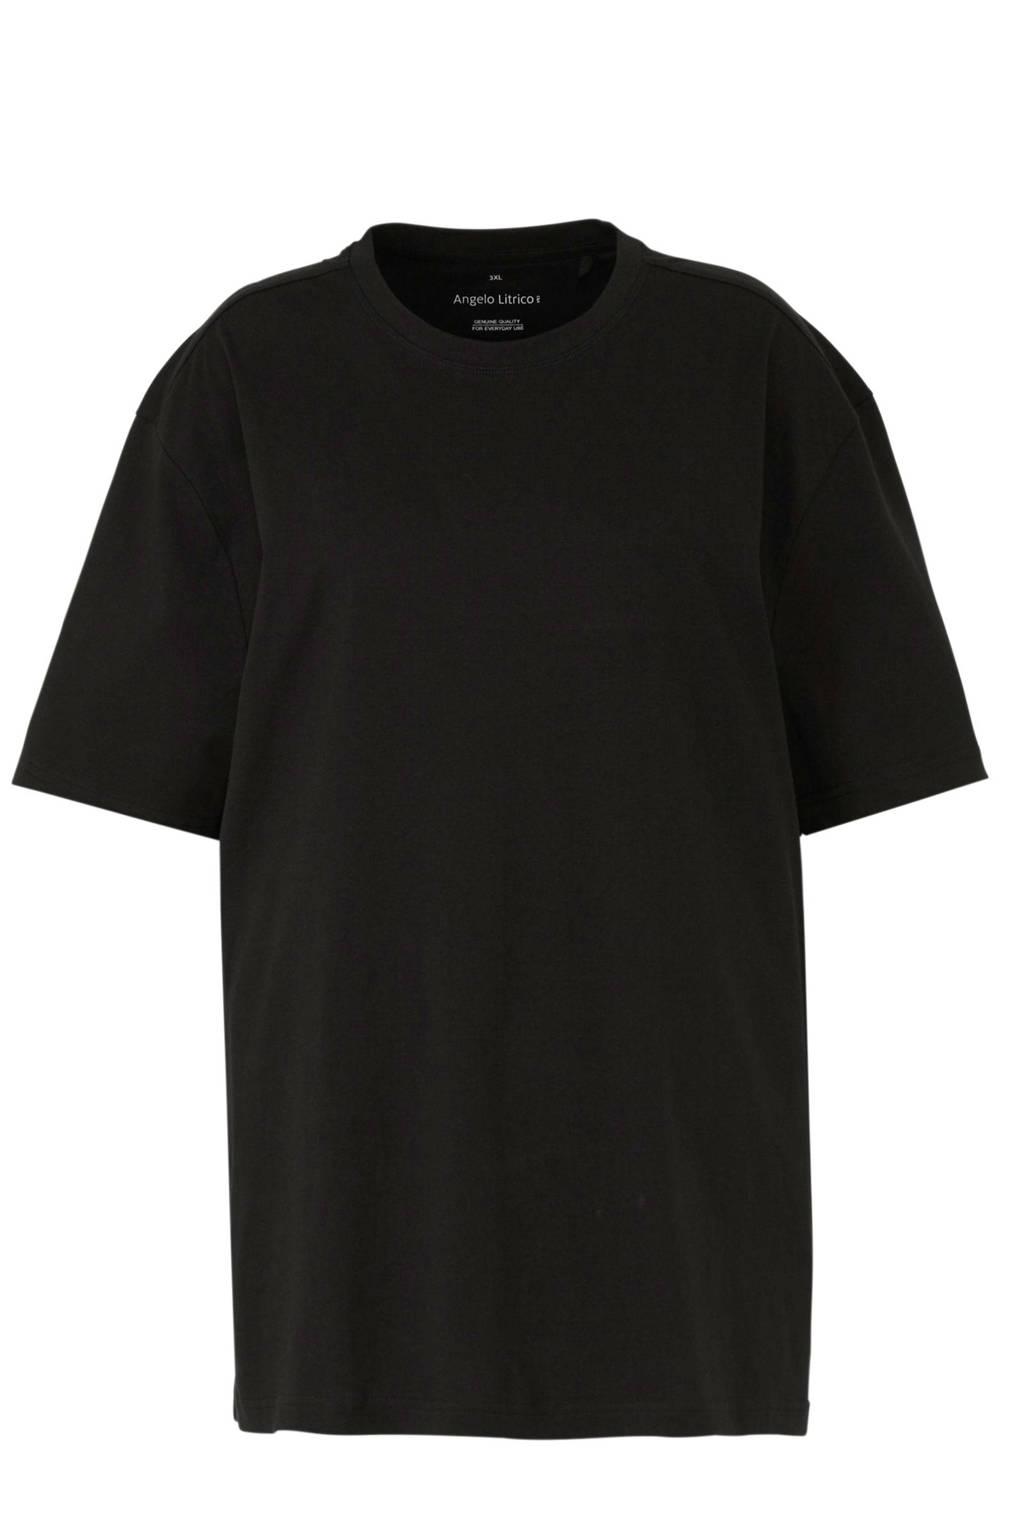 C&A Angelo Litrico T-shirt zwart, Zwart